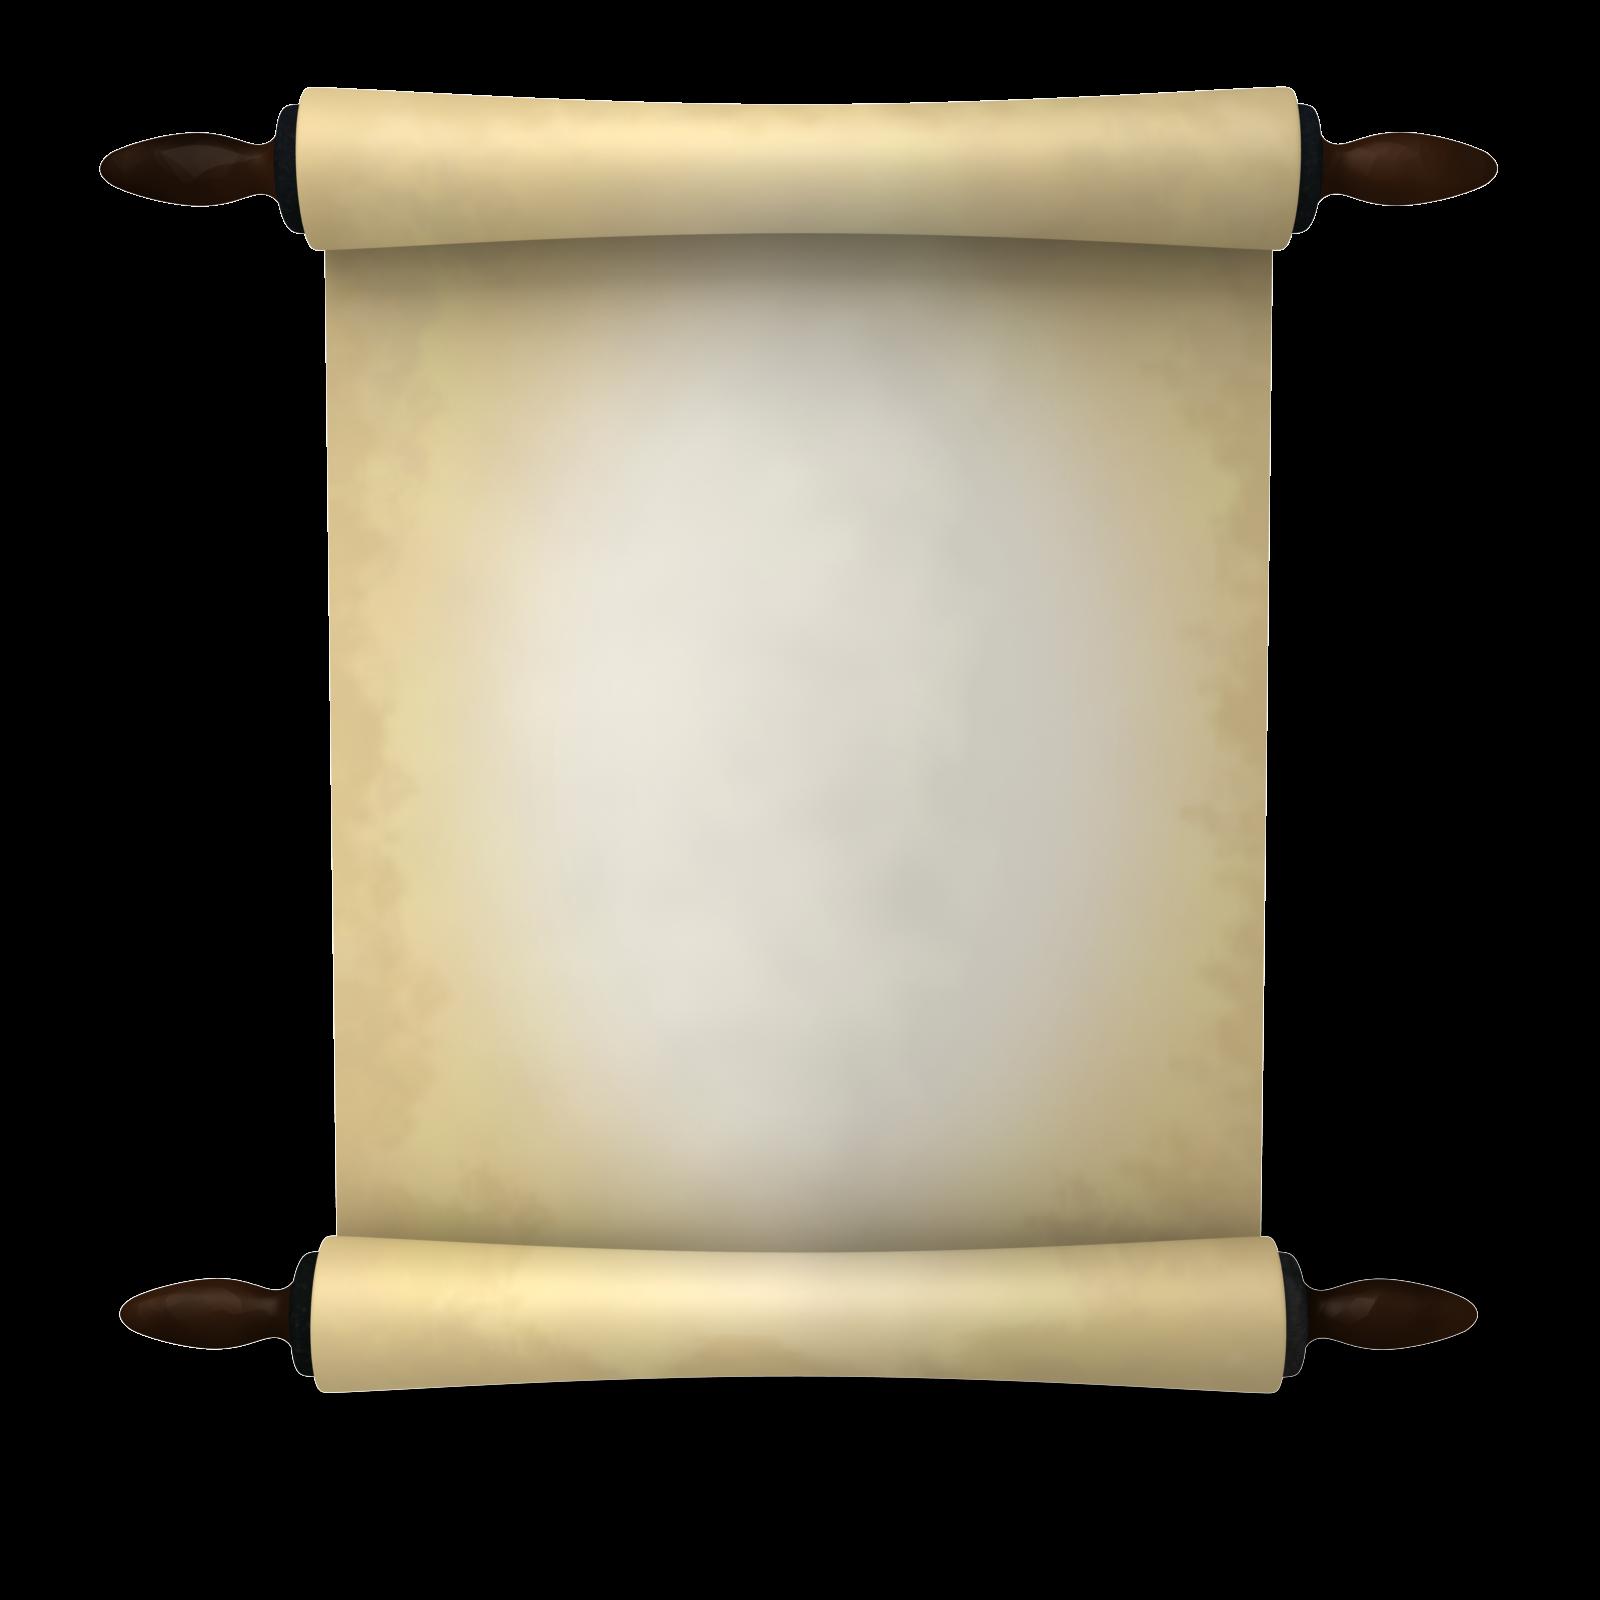 1600x1600 Scroll Clip Art